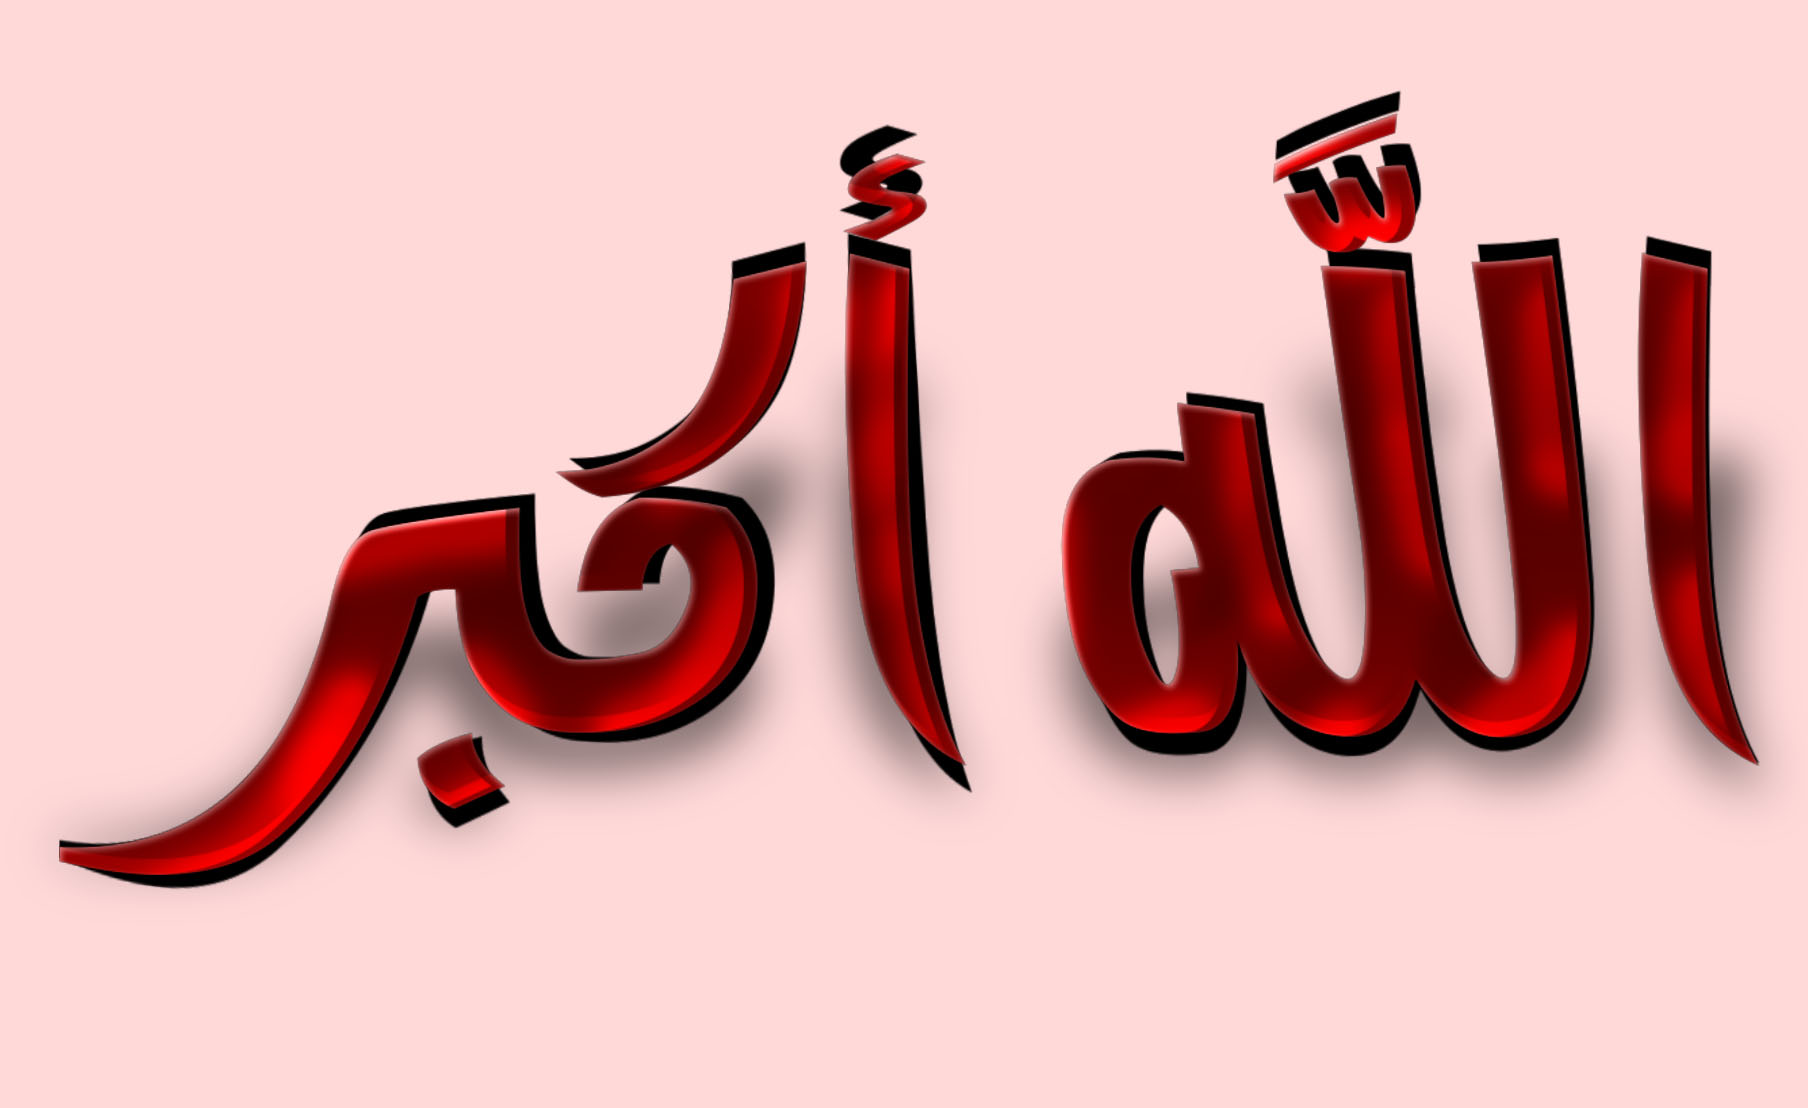 بالصور صور الله اكبر , بوستات دينية لكلمات توحيد للفظ الجلاله 2189 1